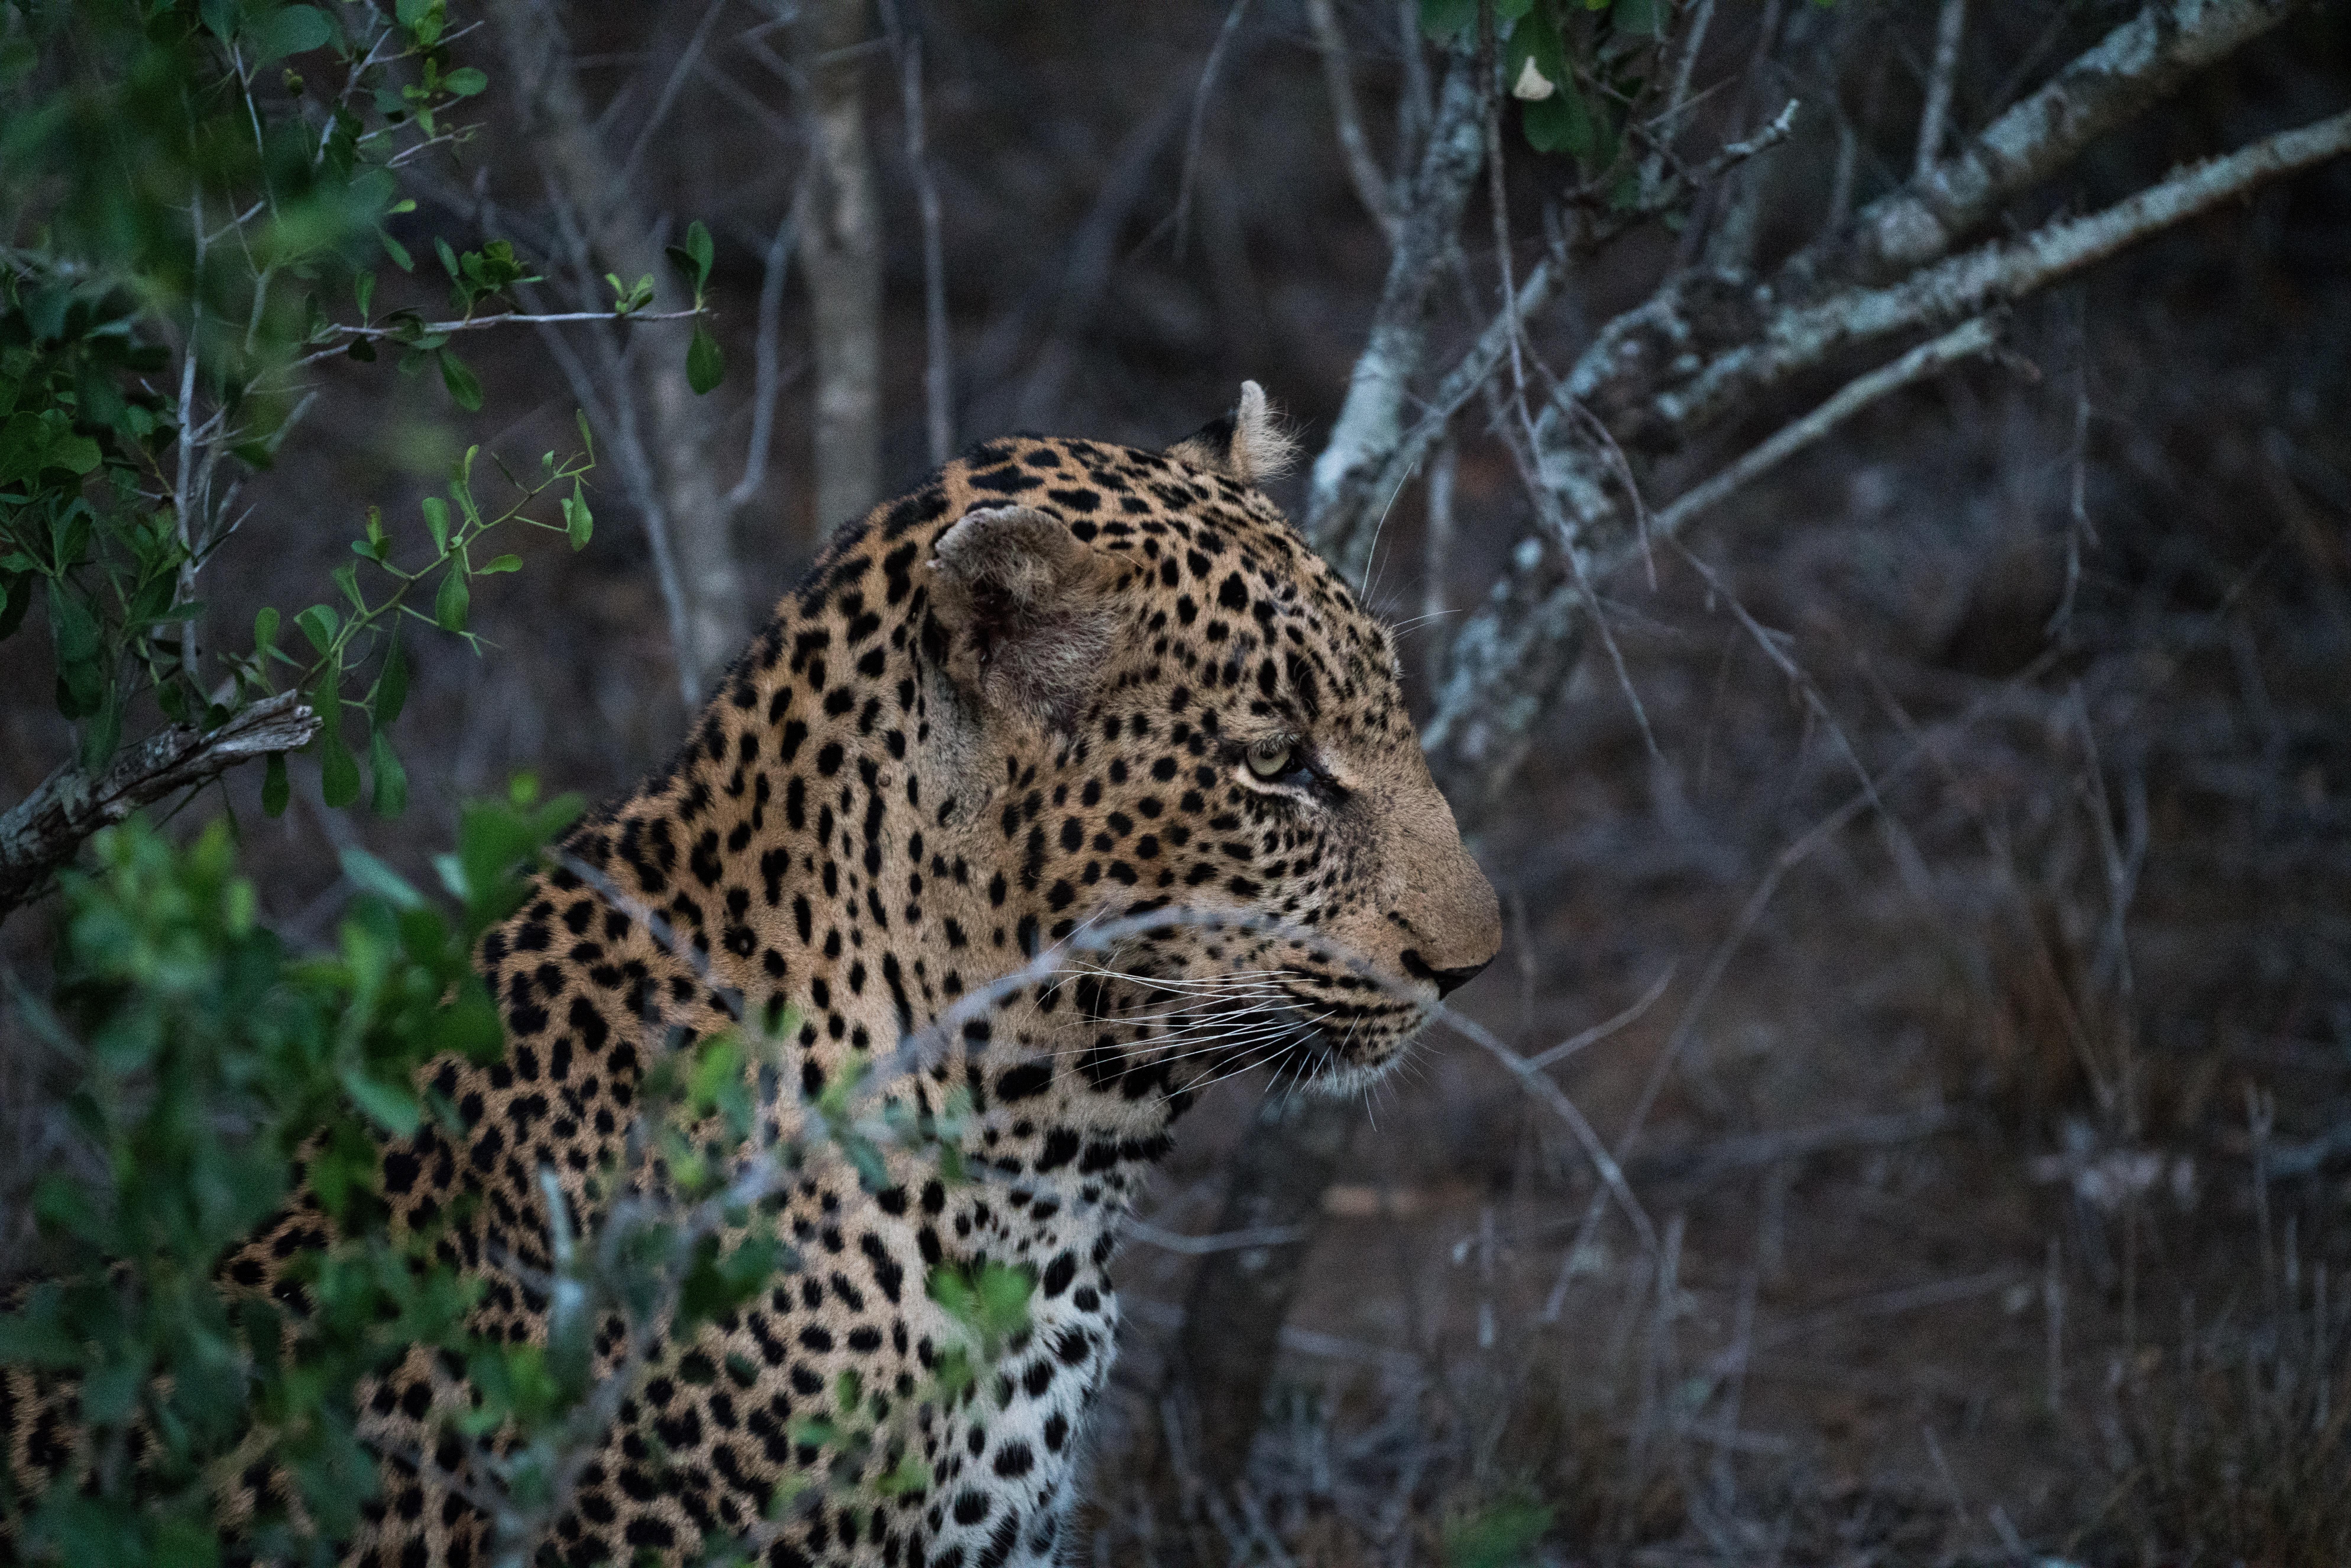 Poze Animal Animale Sălbatice Junglă Prădător Faună